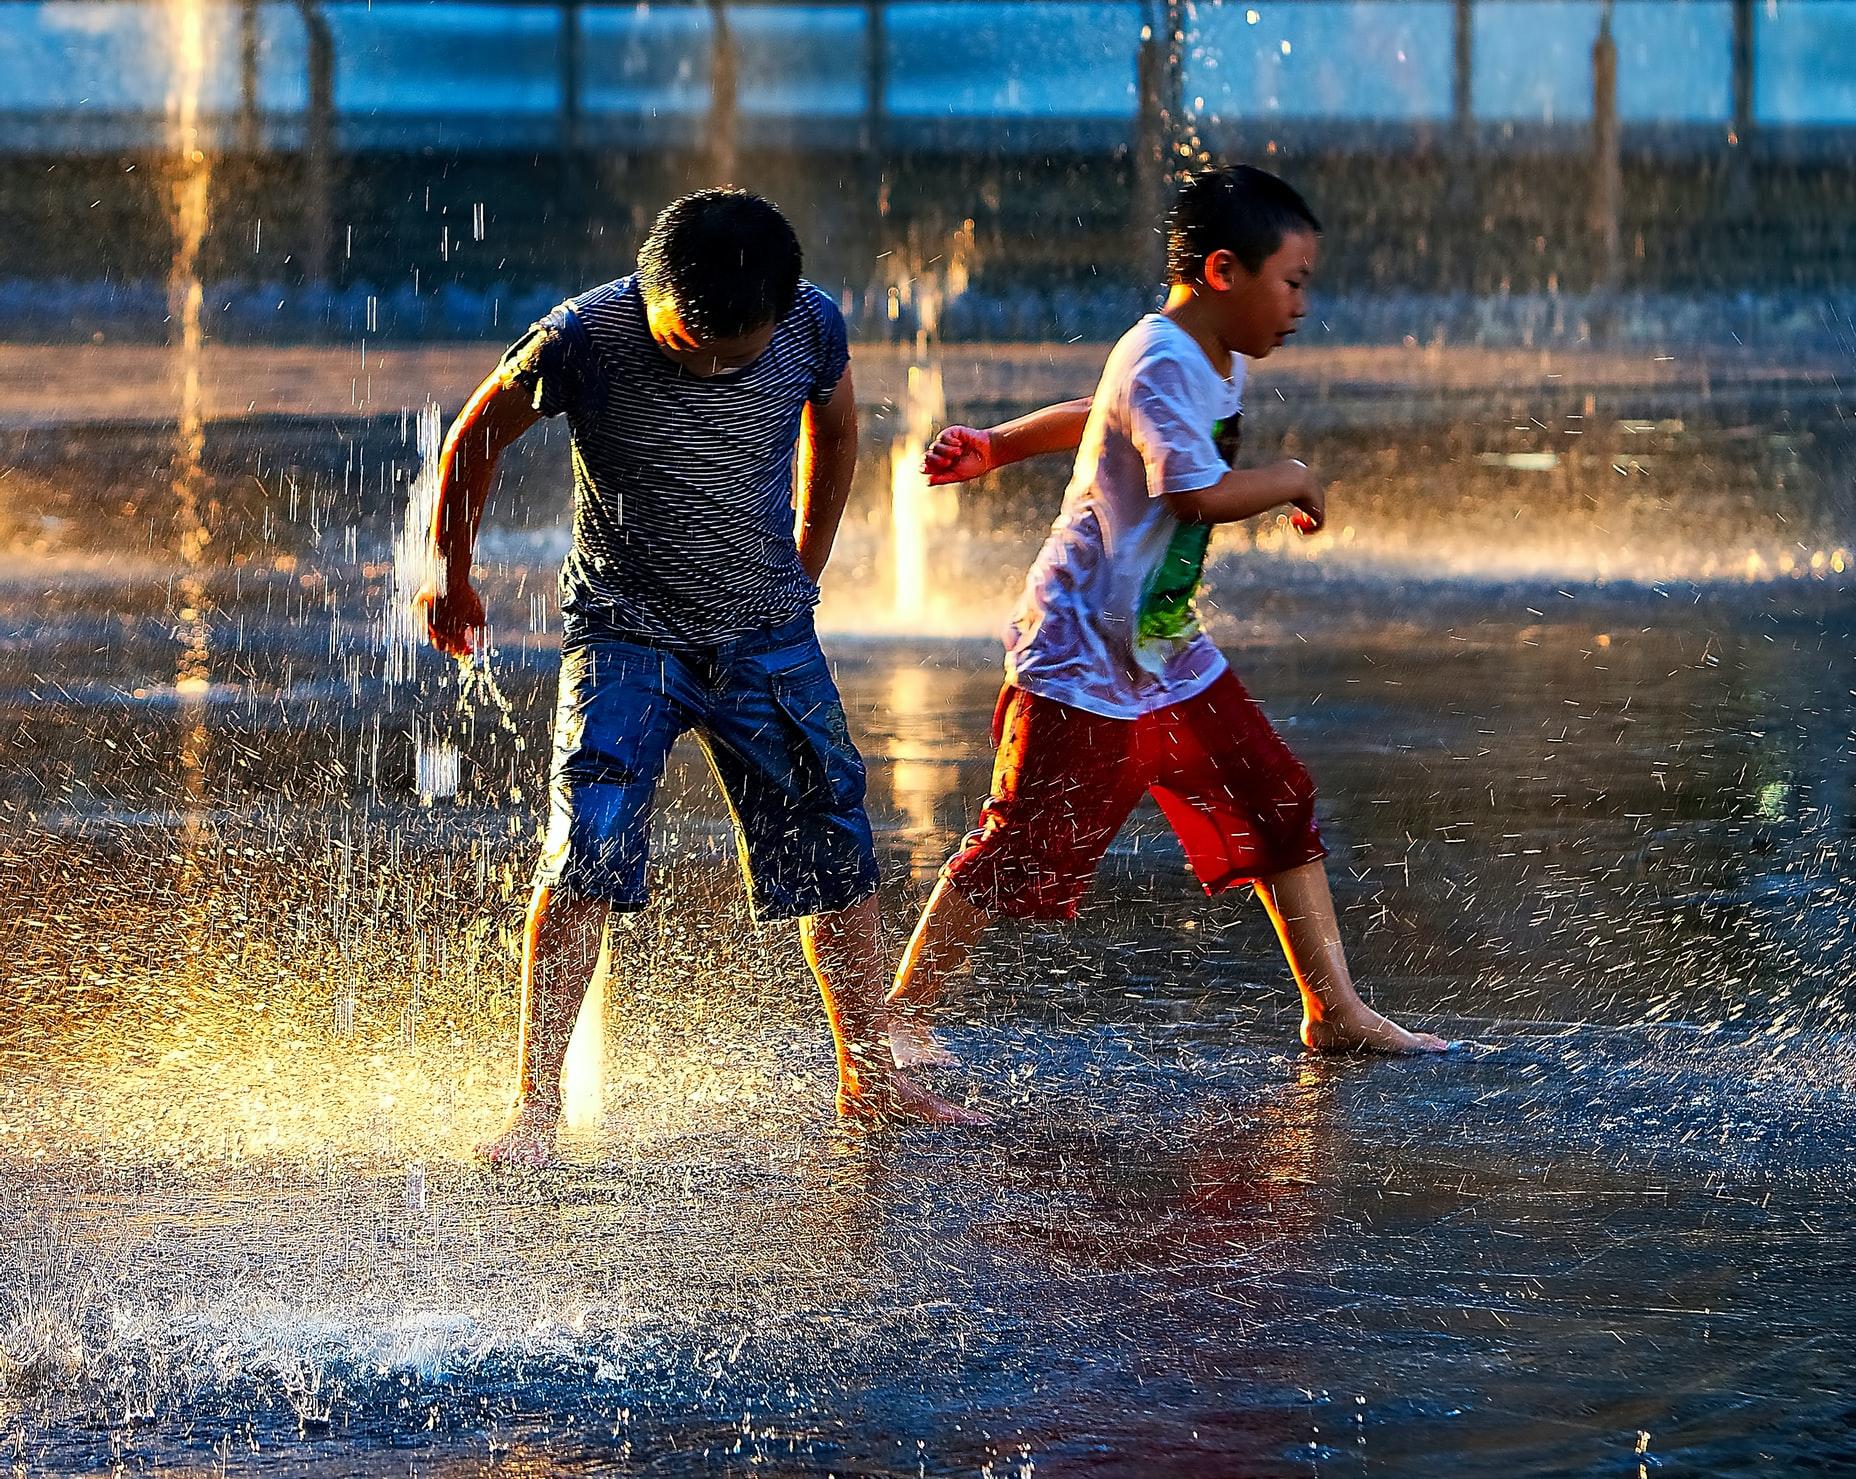 公園の噴水で遊ぶ子供たち